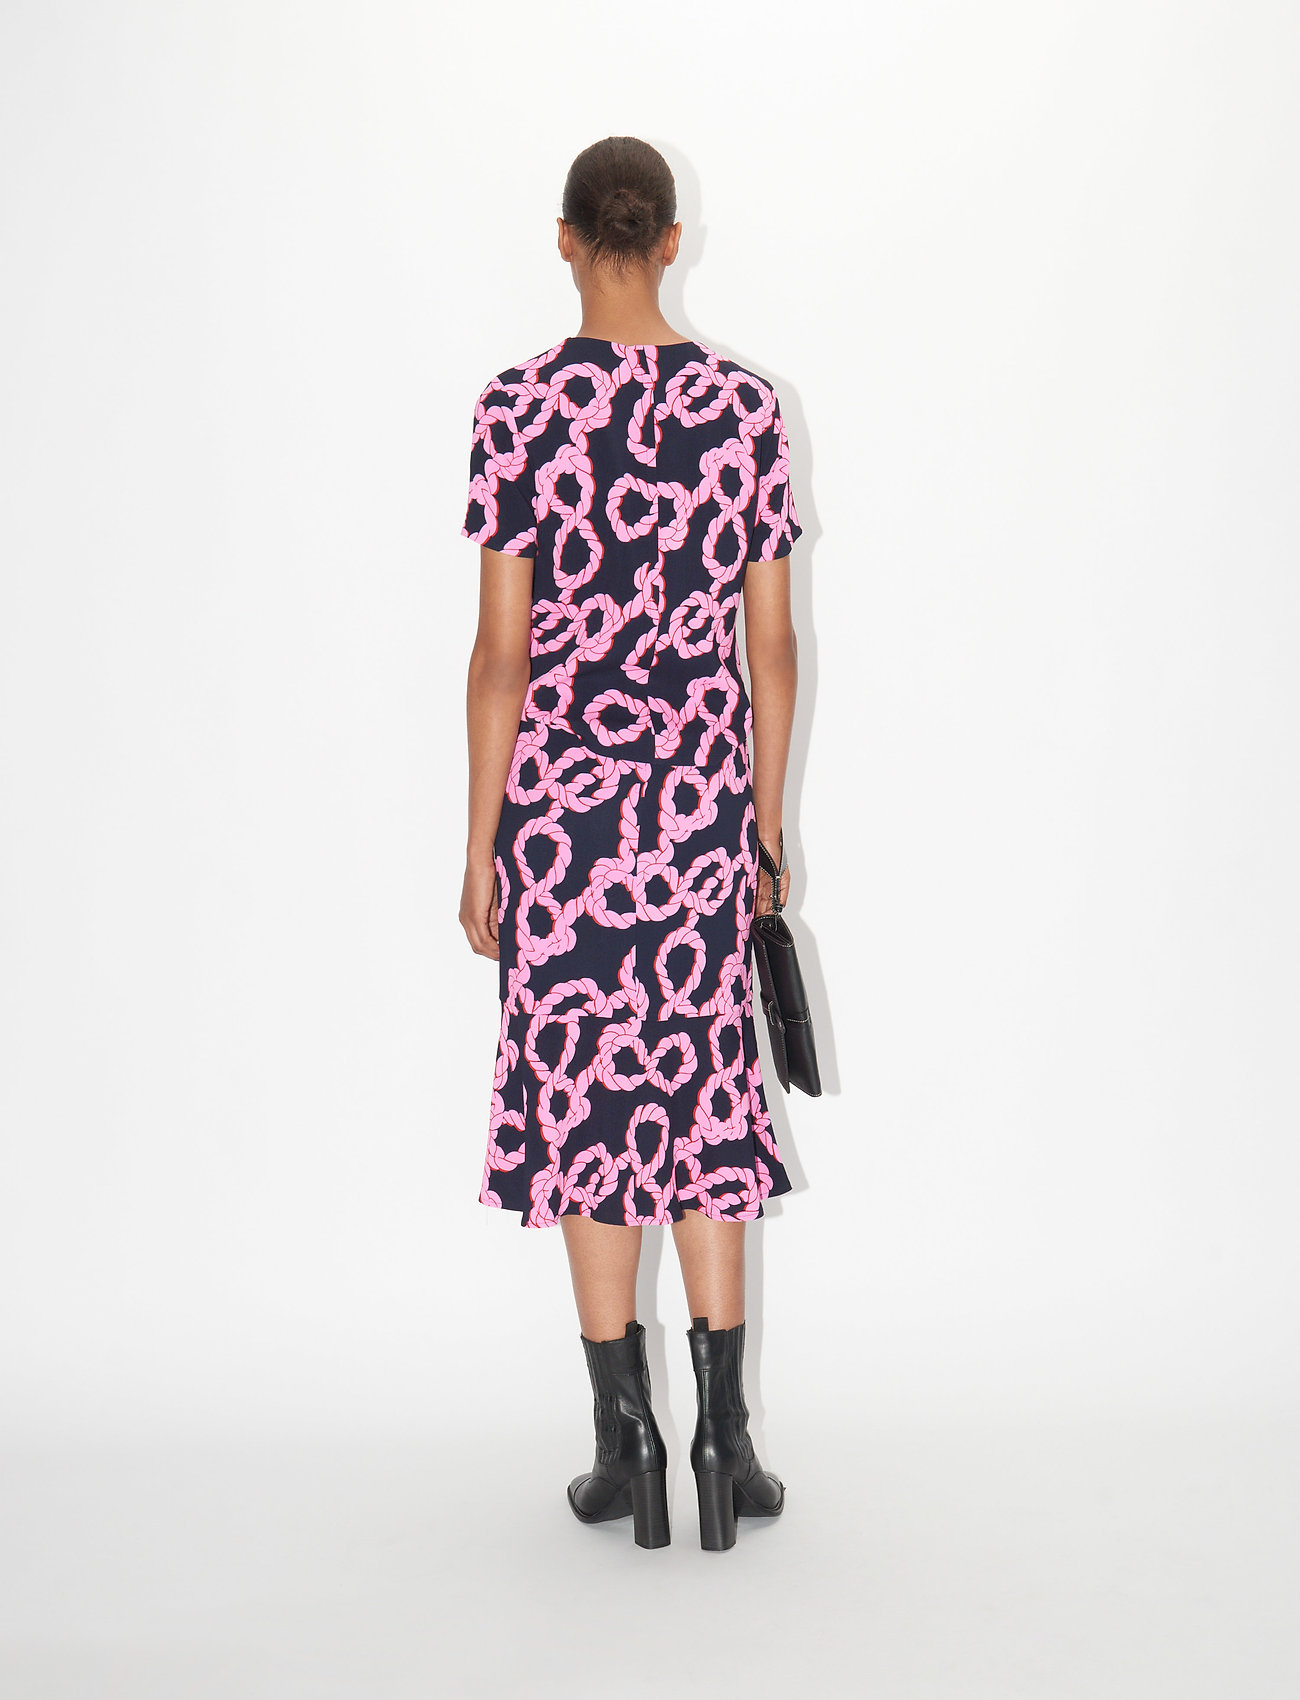 Tiger of Sweden JOANNA - Bluzki & Koszule ARTWORK - Kobiety Odzież.